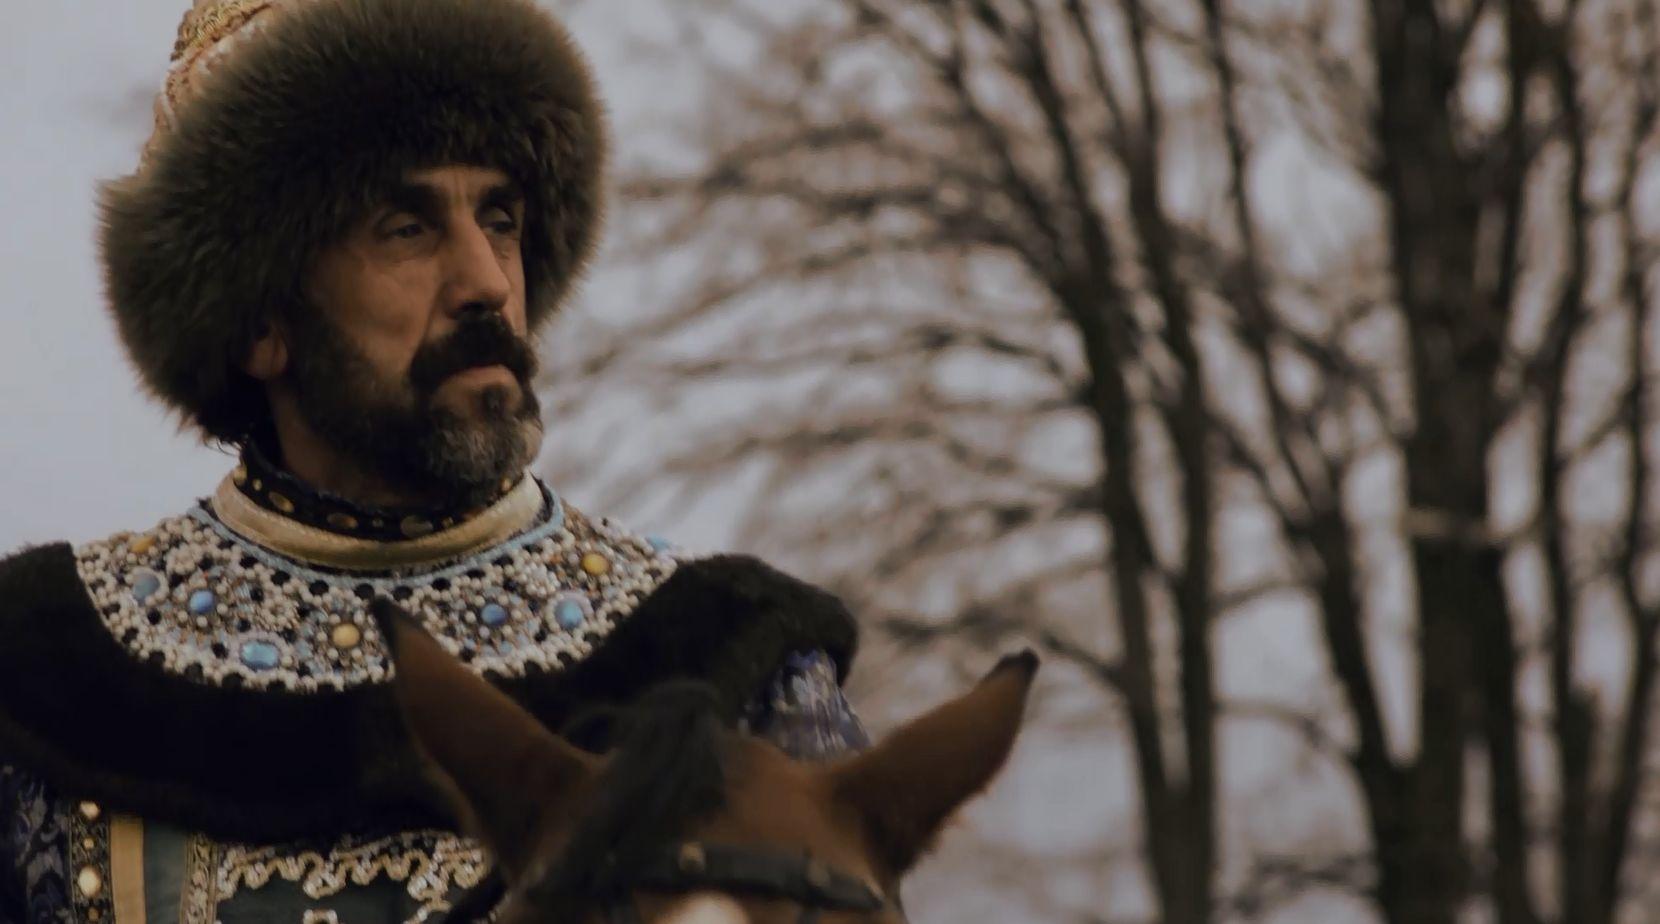 Ярославль: эпоха, люди, возрождение. Андрей Большой. Последний рыцарь средневековья (ч. 3)